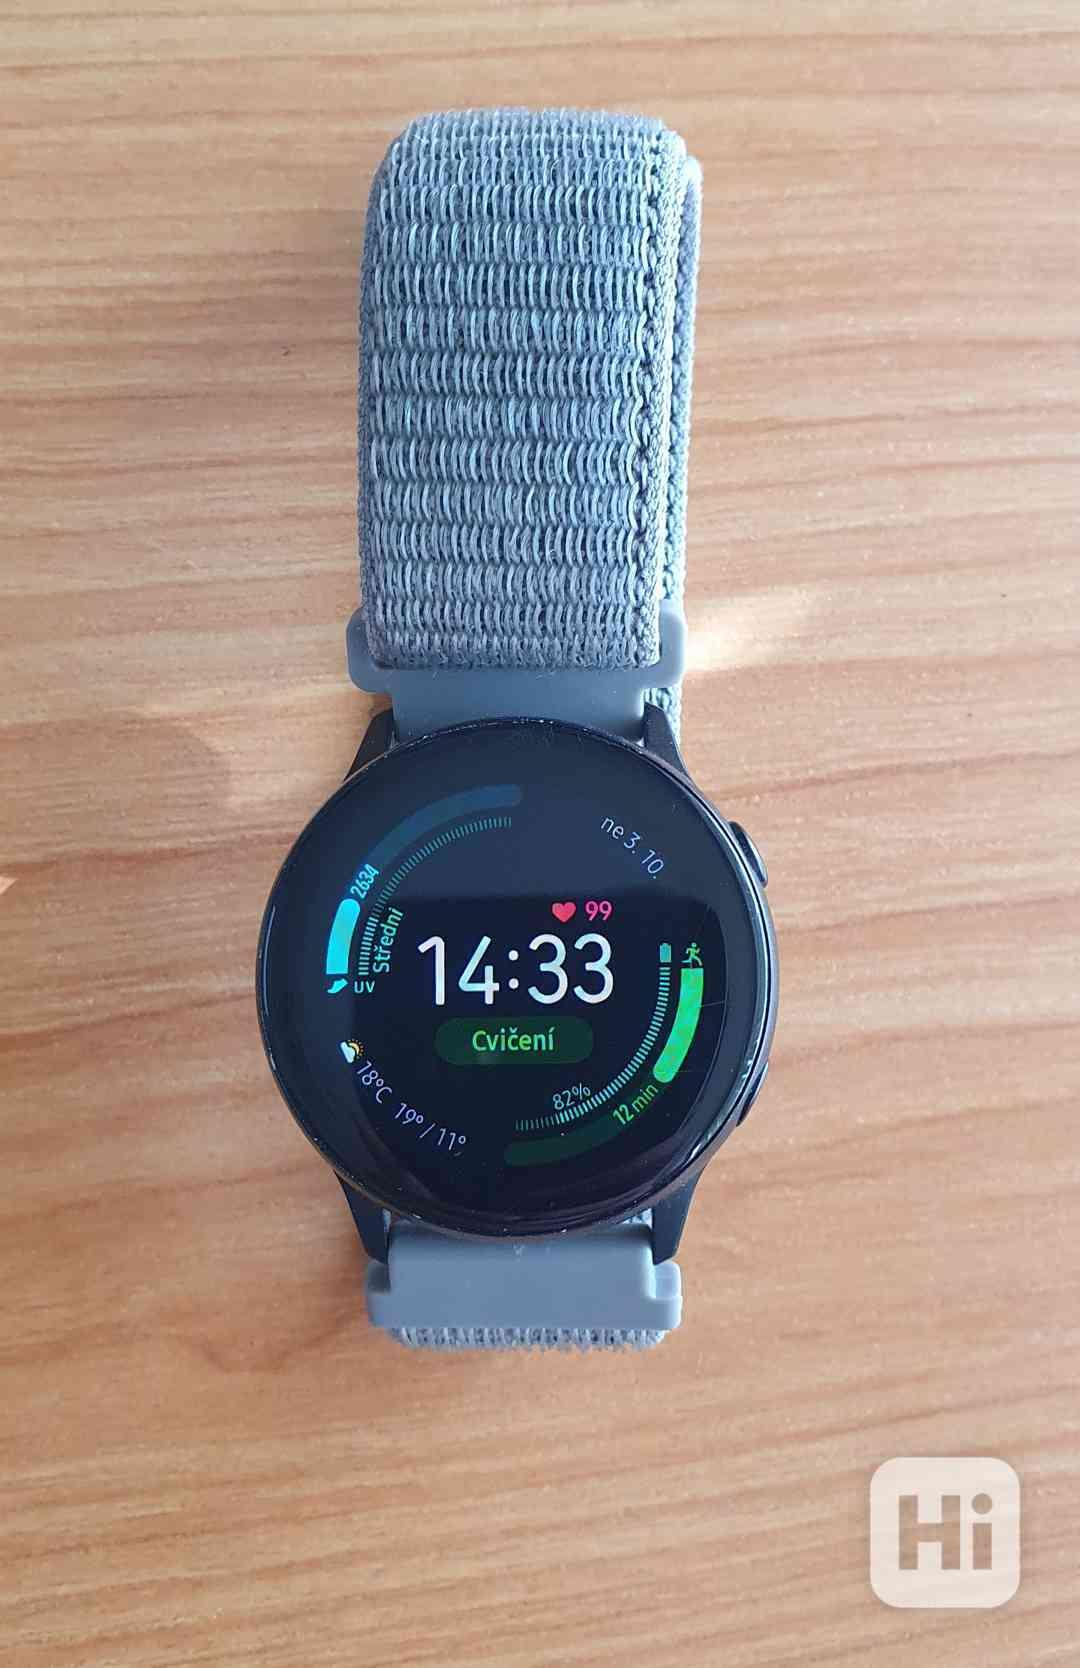 Samsung Galaxy Watch Active v záruce do 23.12.2022 - foto 1